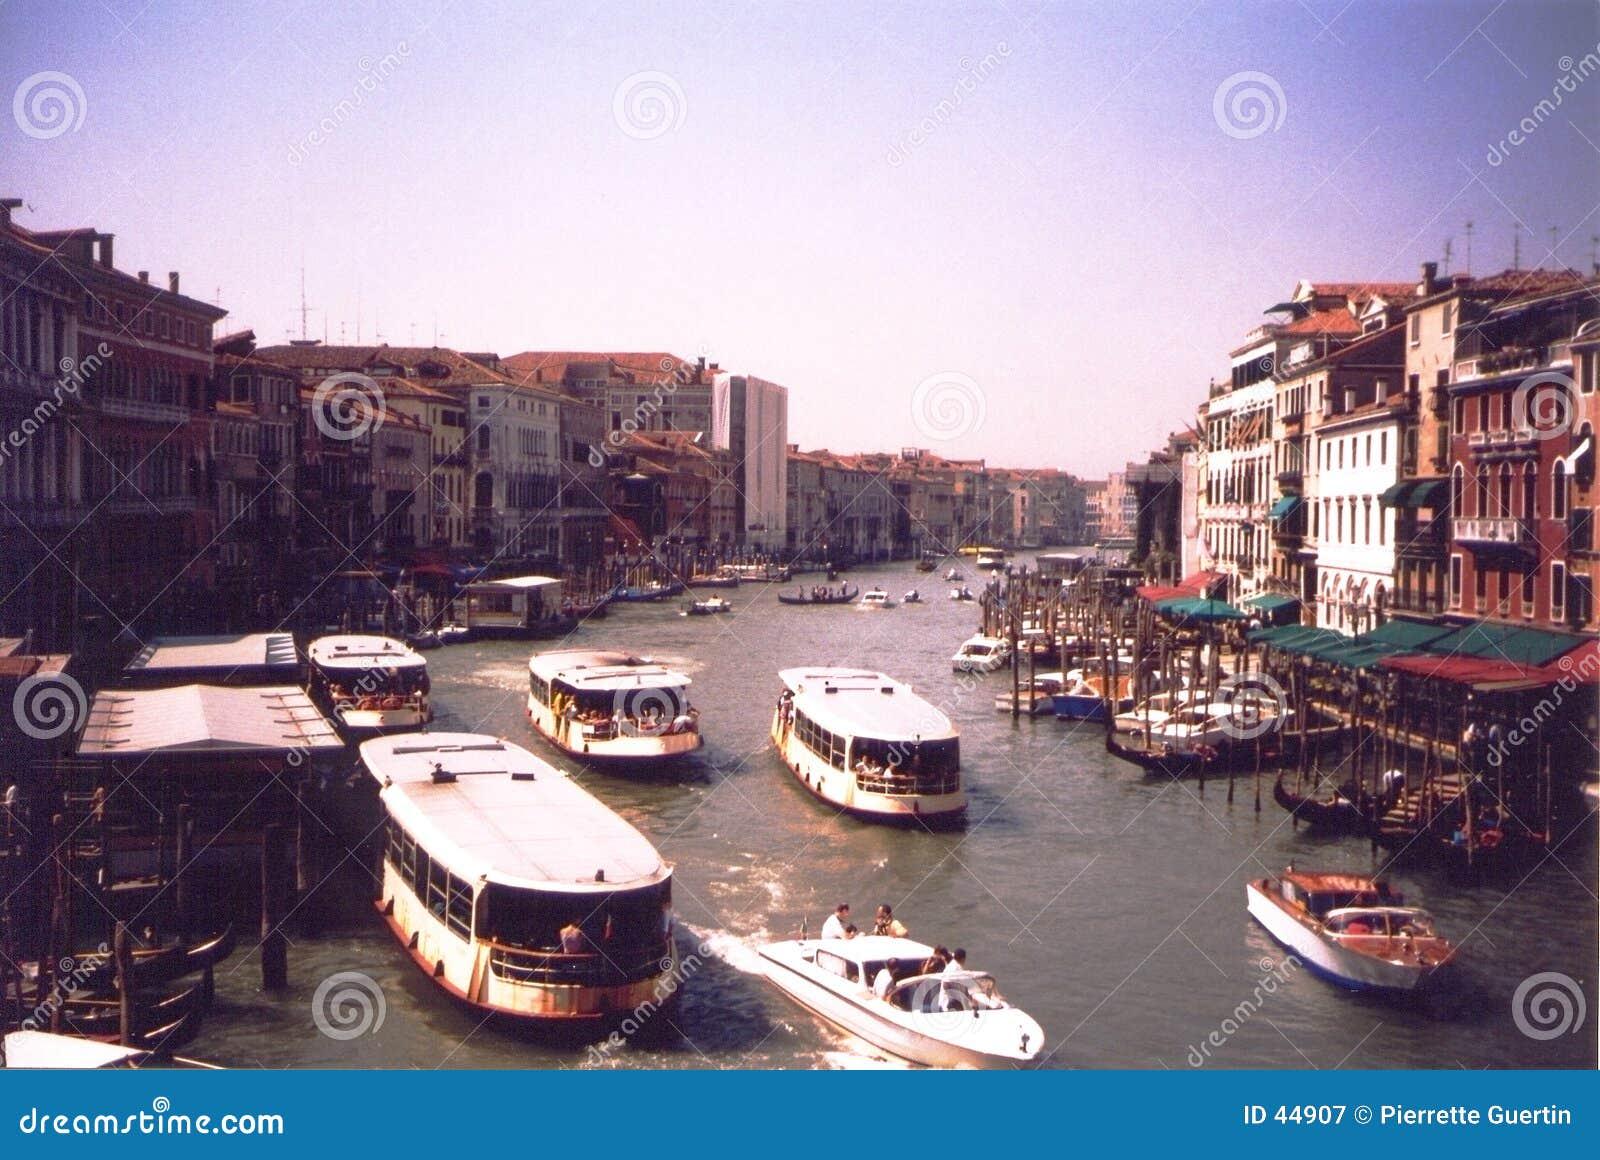 Großartiger Kanal - Venedig Italien